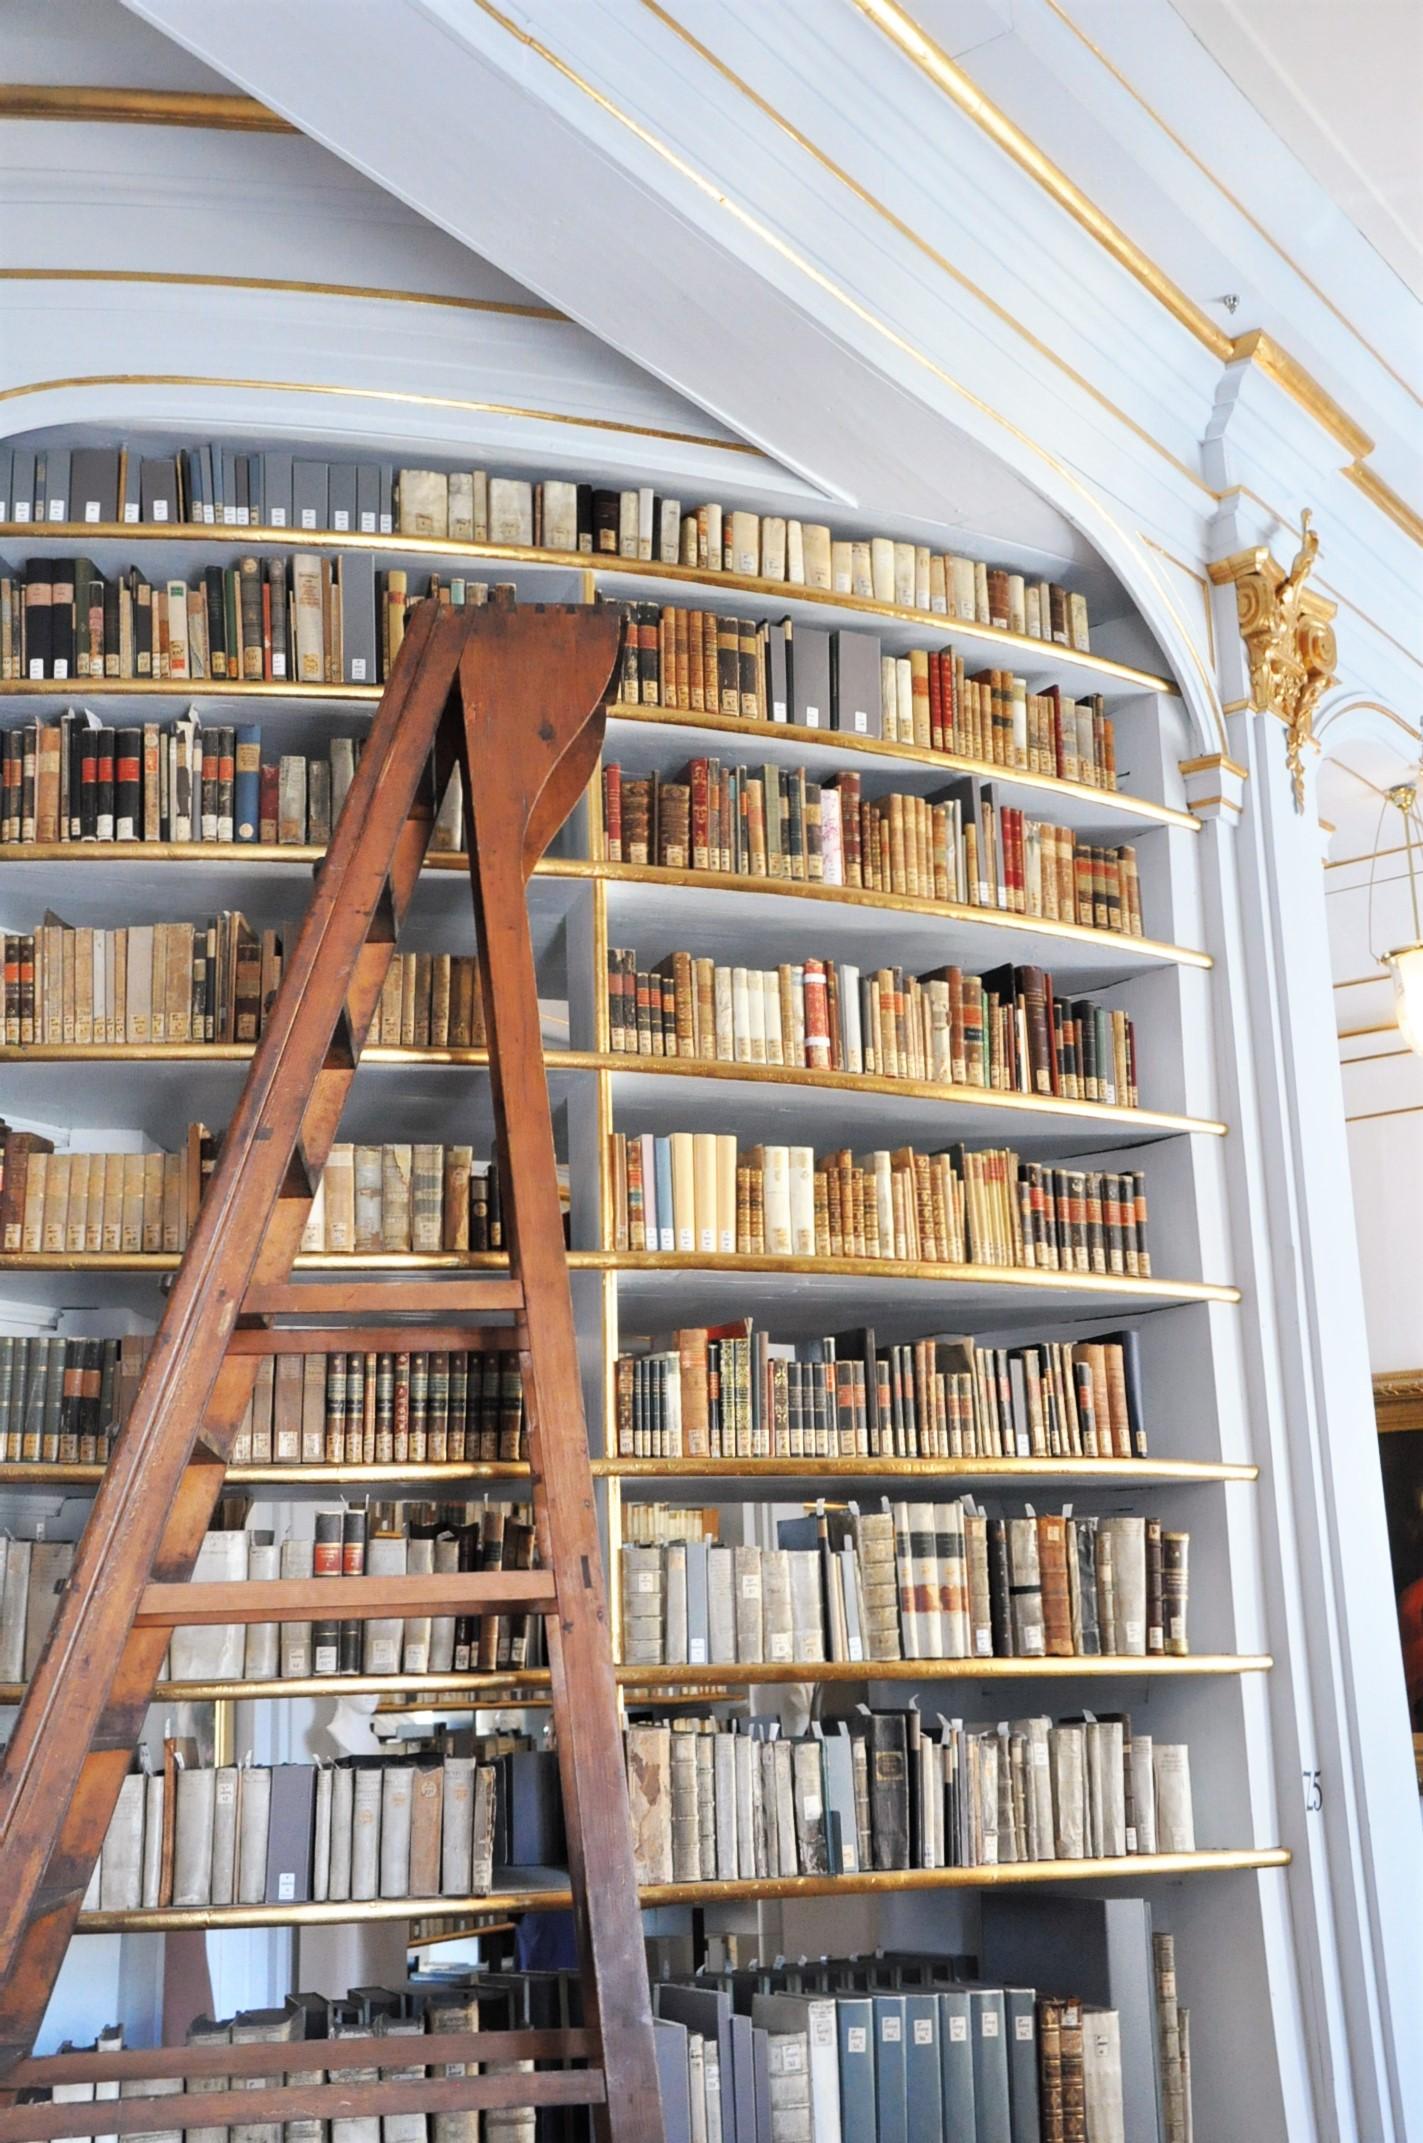 Historischer Stadtrundgang durch Weimar - Duchess Anna Amalia Library - (11)